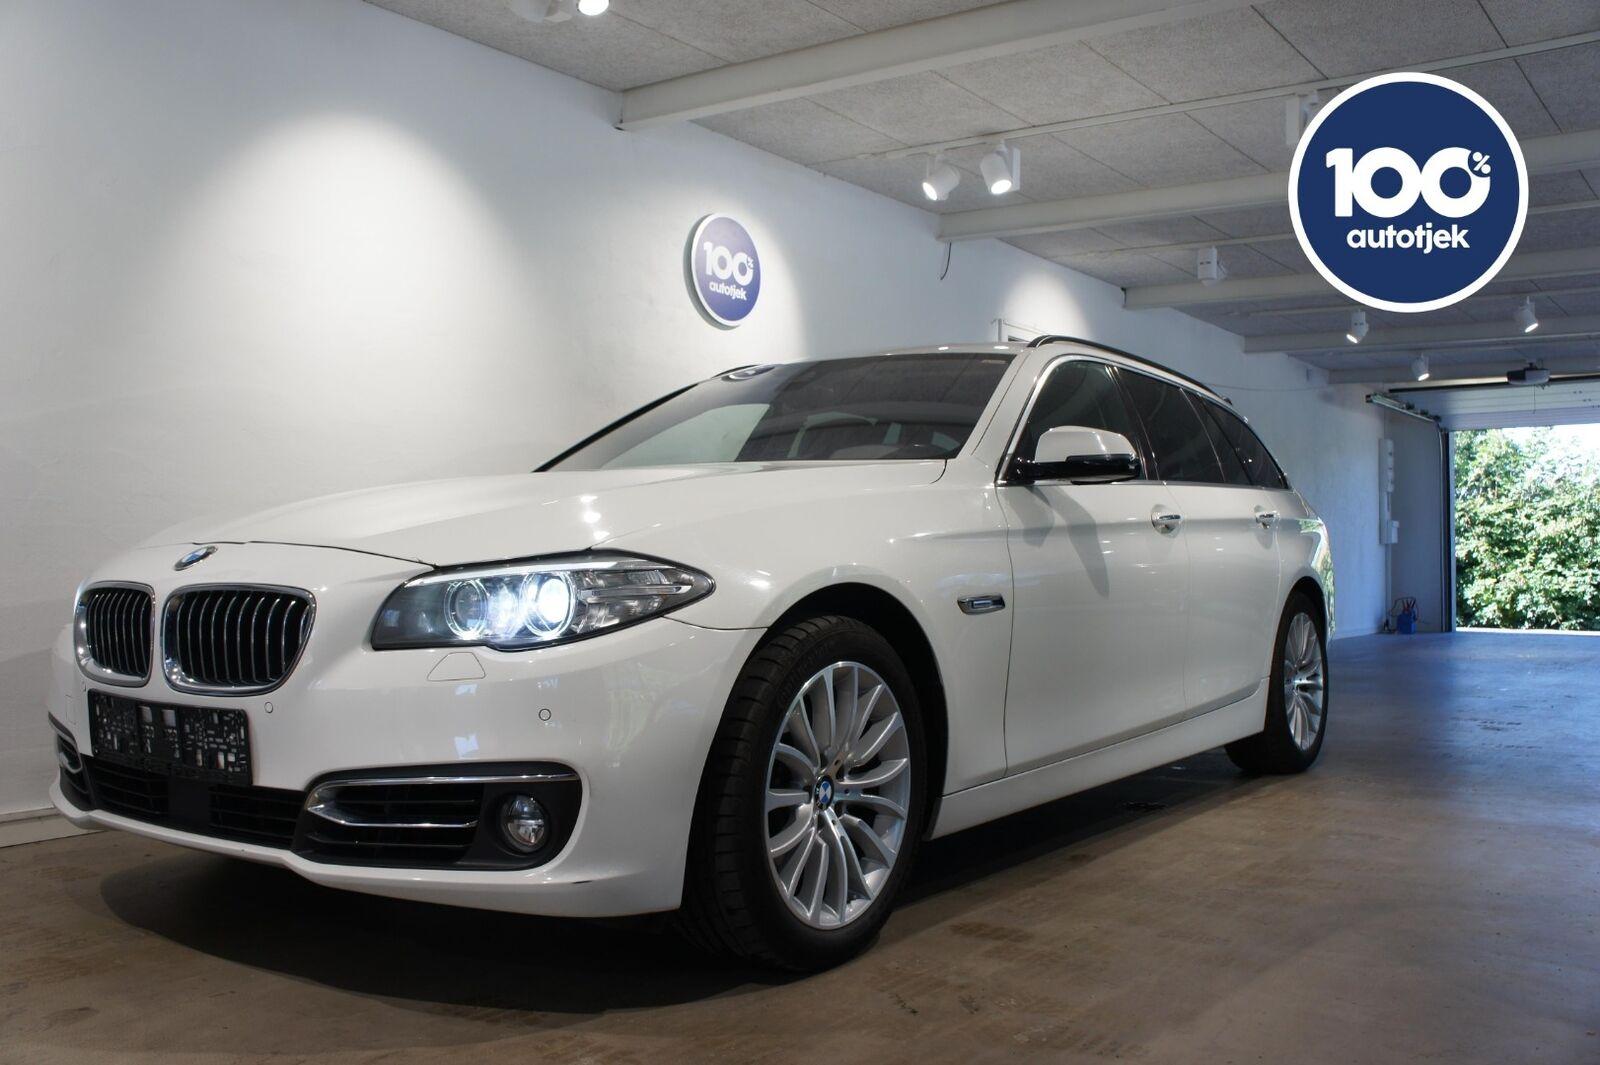 BMW 520d 2,0 Touring Luxury Line aut. 5d - 329.900 kr.